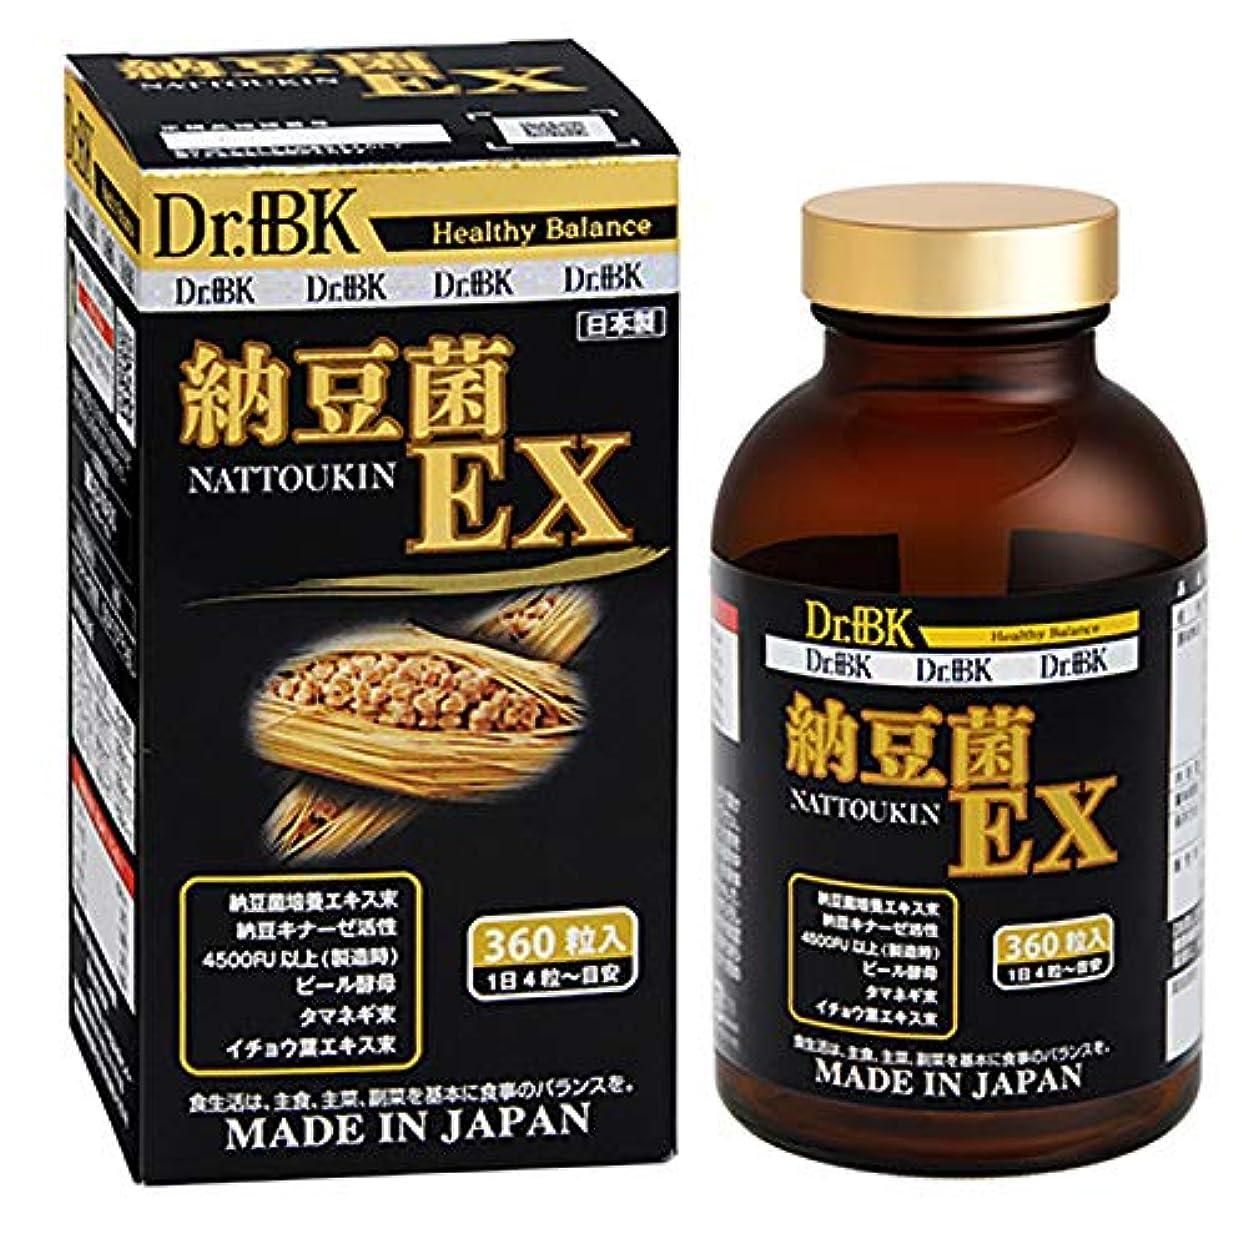 ラブ助手宿題をするDr.+BK 納豆菌 EX(黒) 野口医学研究所 3ヶ月分 ‐ SH762422